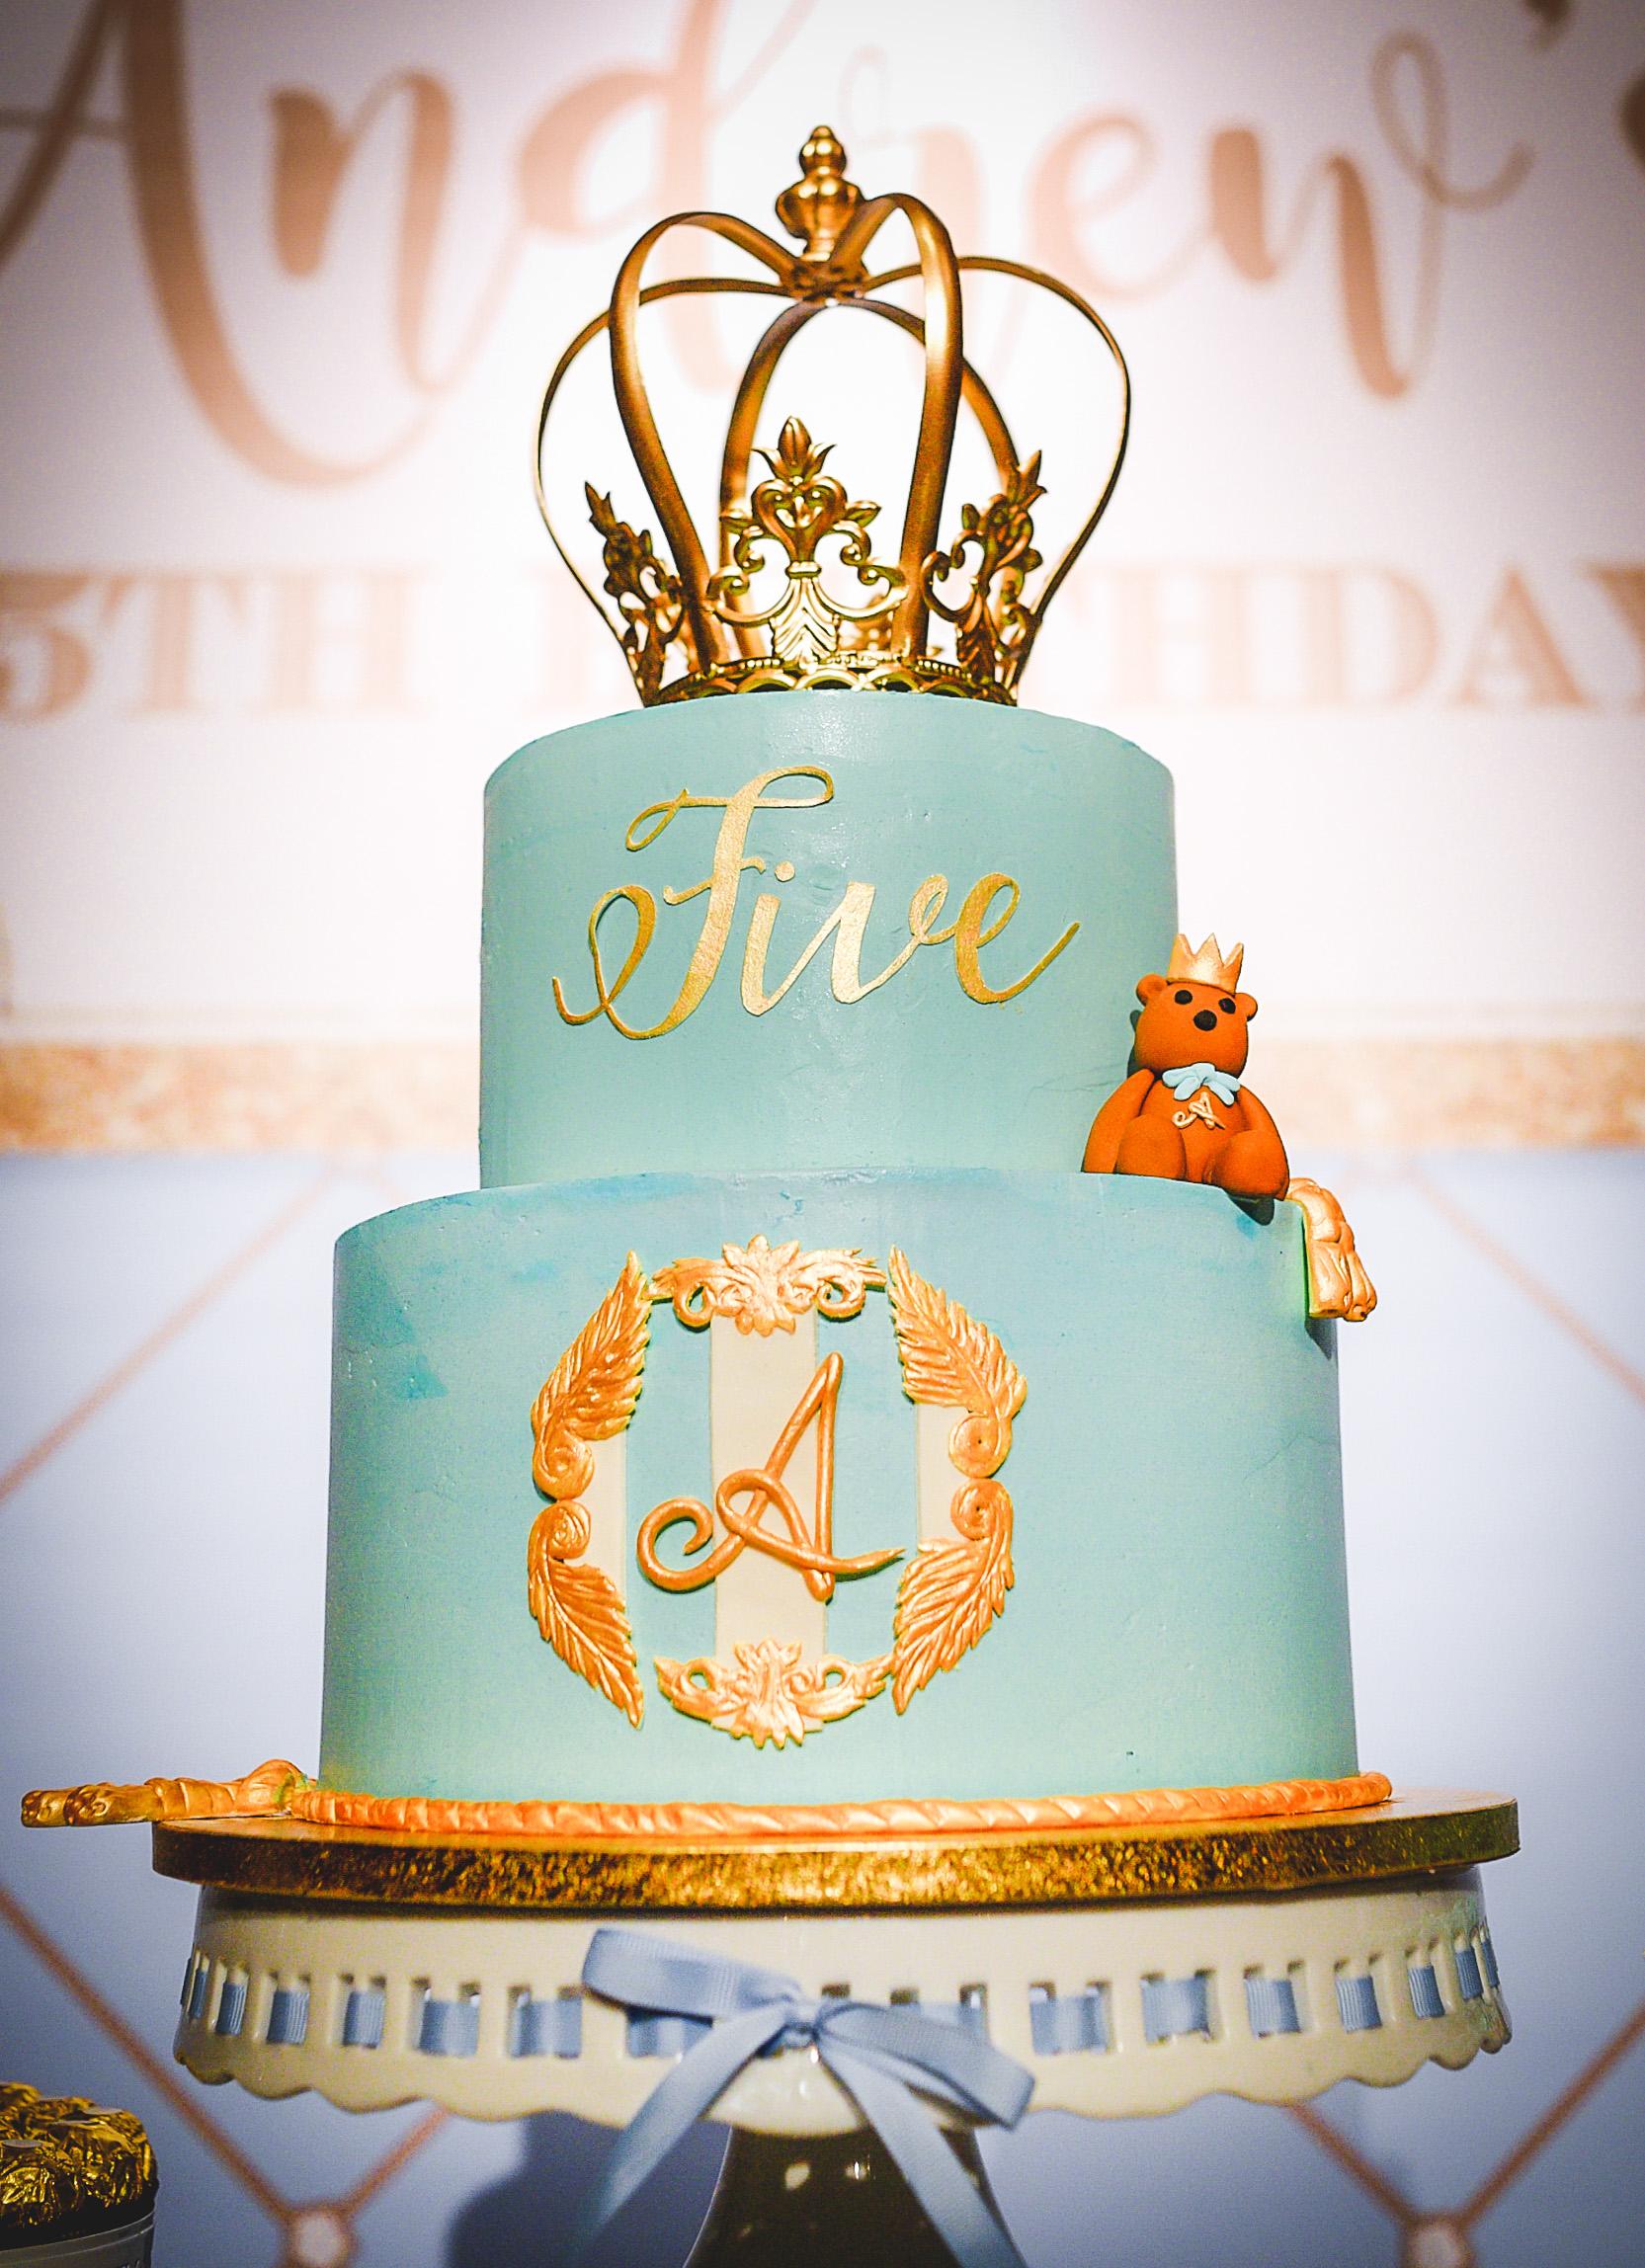 The grand birthday cake